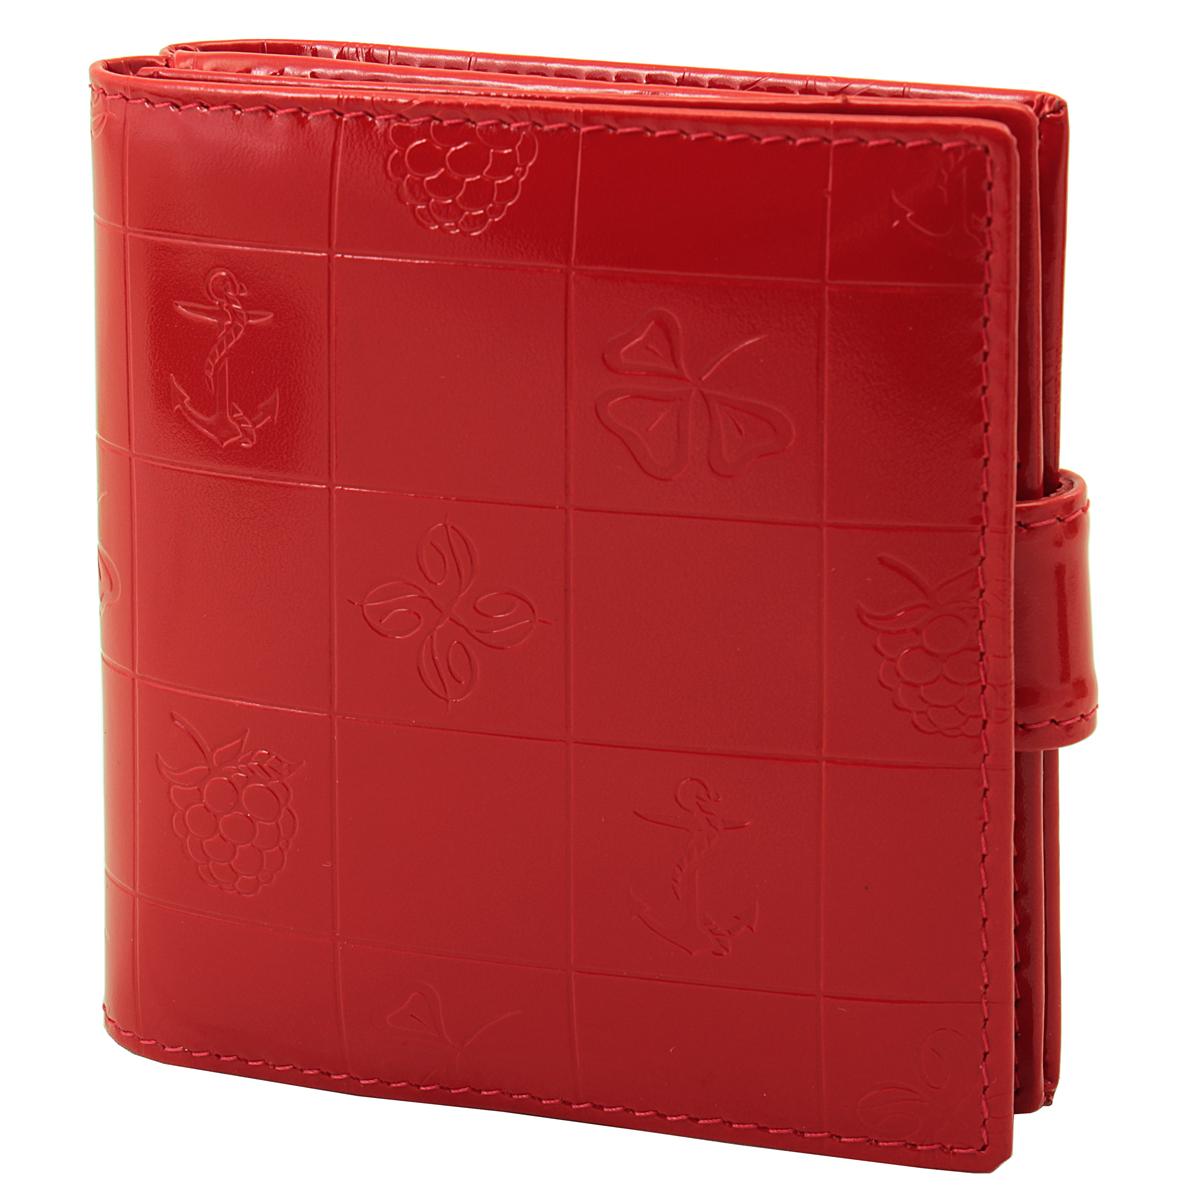 Кошелек женский Dimanche BonBon, цвет: красный. 248W16-12123_811Женский компактный кошелек BonBon выполнен из натуральной высококачественной кожи с декоративным тиснением.Кошелек состоит из двух отделений. Первое отделение закрывается на магнитную кнопку, имеет четыре кармашка для кредиток и карман для монет с клапаном на кнопке. Второе отделение также закрывается на магнитную кнопку и содержит два кармана для купюр. Между отделениями также предусмотрен кармашек. Кошелек упакован в фирменную картонную коробку. Характеристики:Материал: натуральная кожа, текстиль, металл. Размер кошелька: 9,5 см х 10 см х 2,8 см. Цвет: красный.